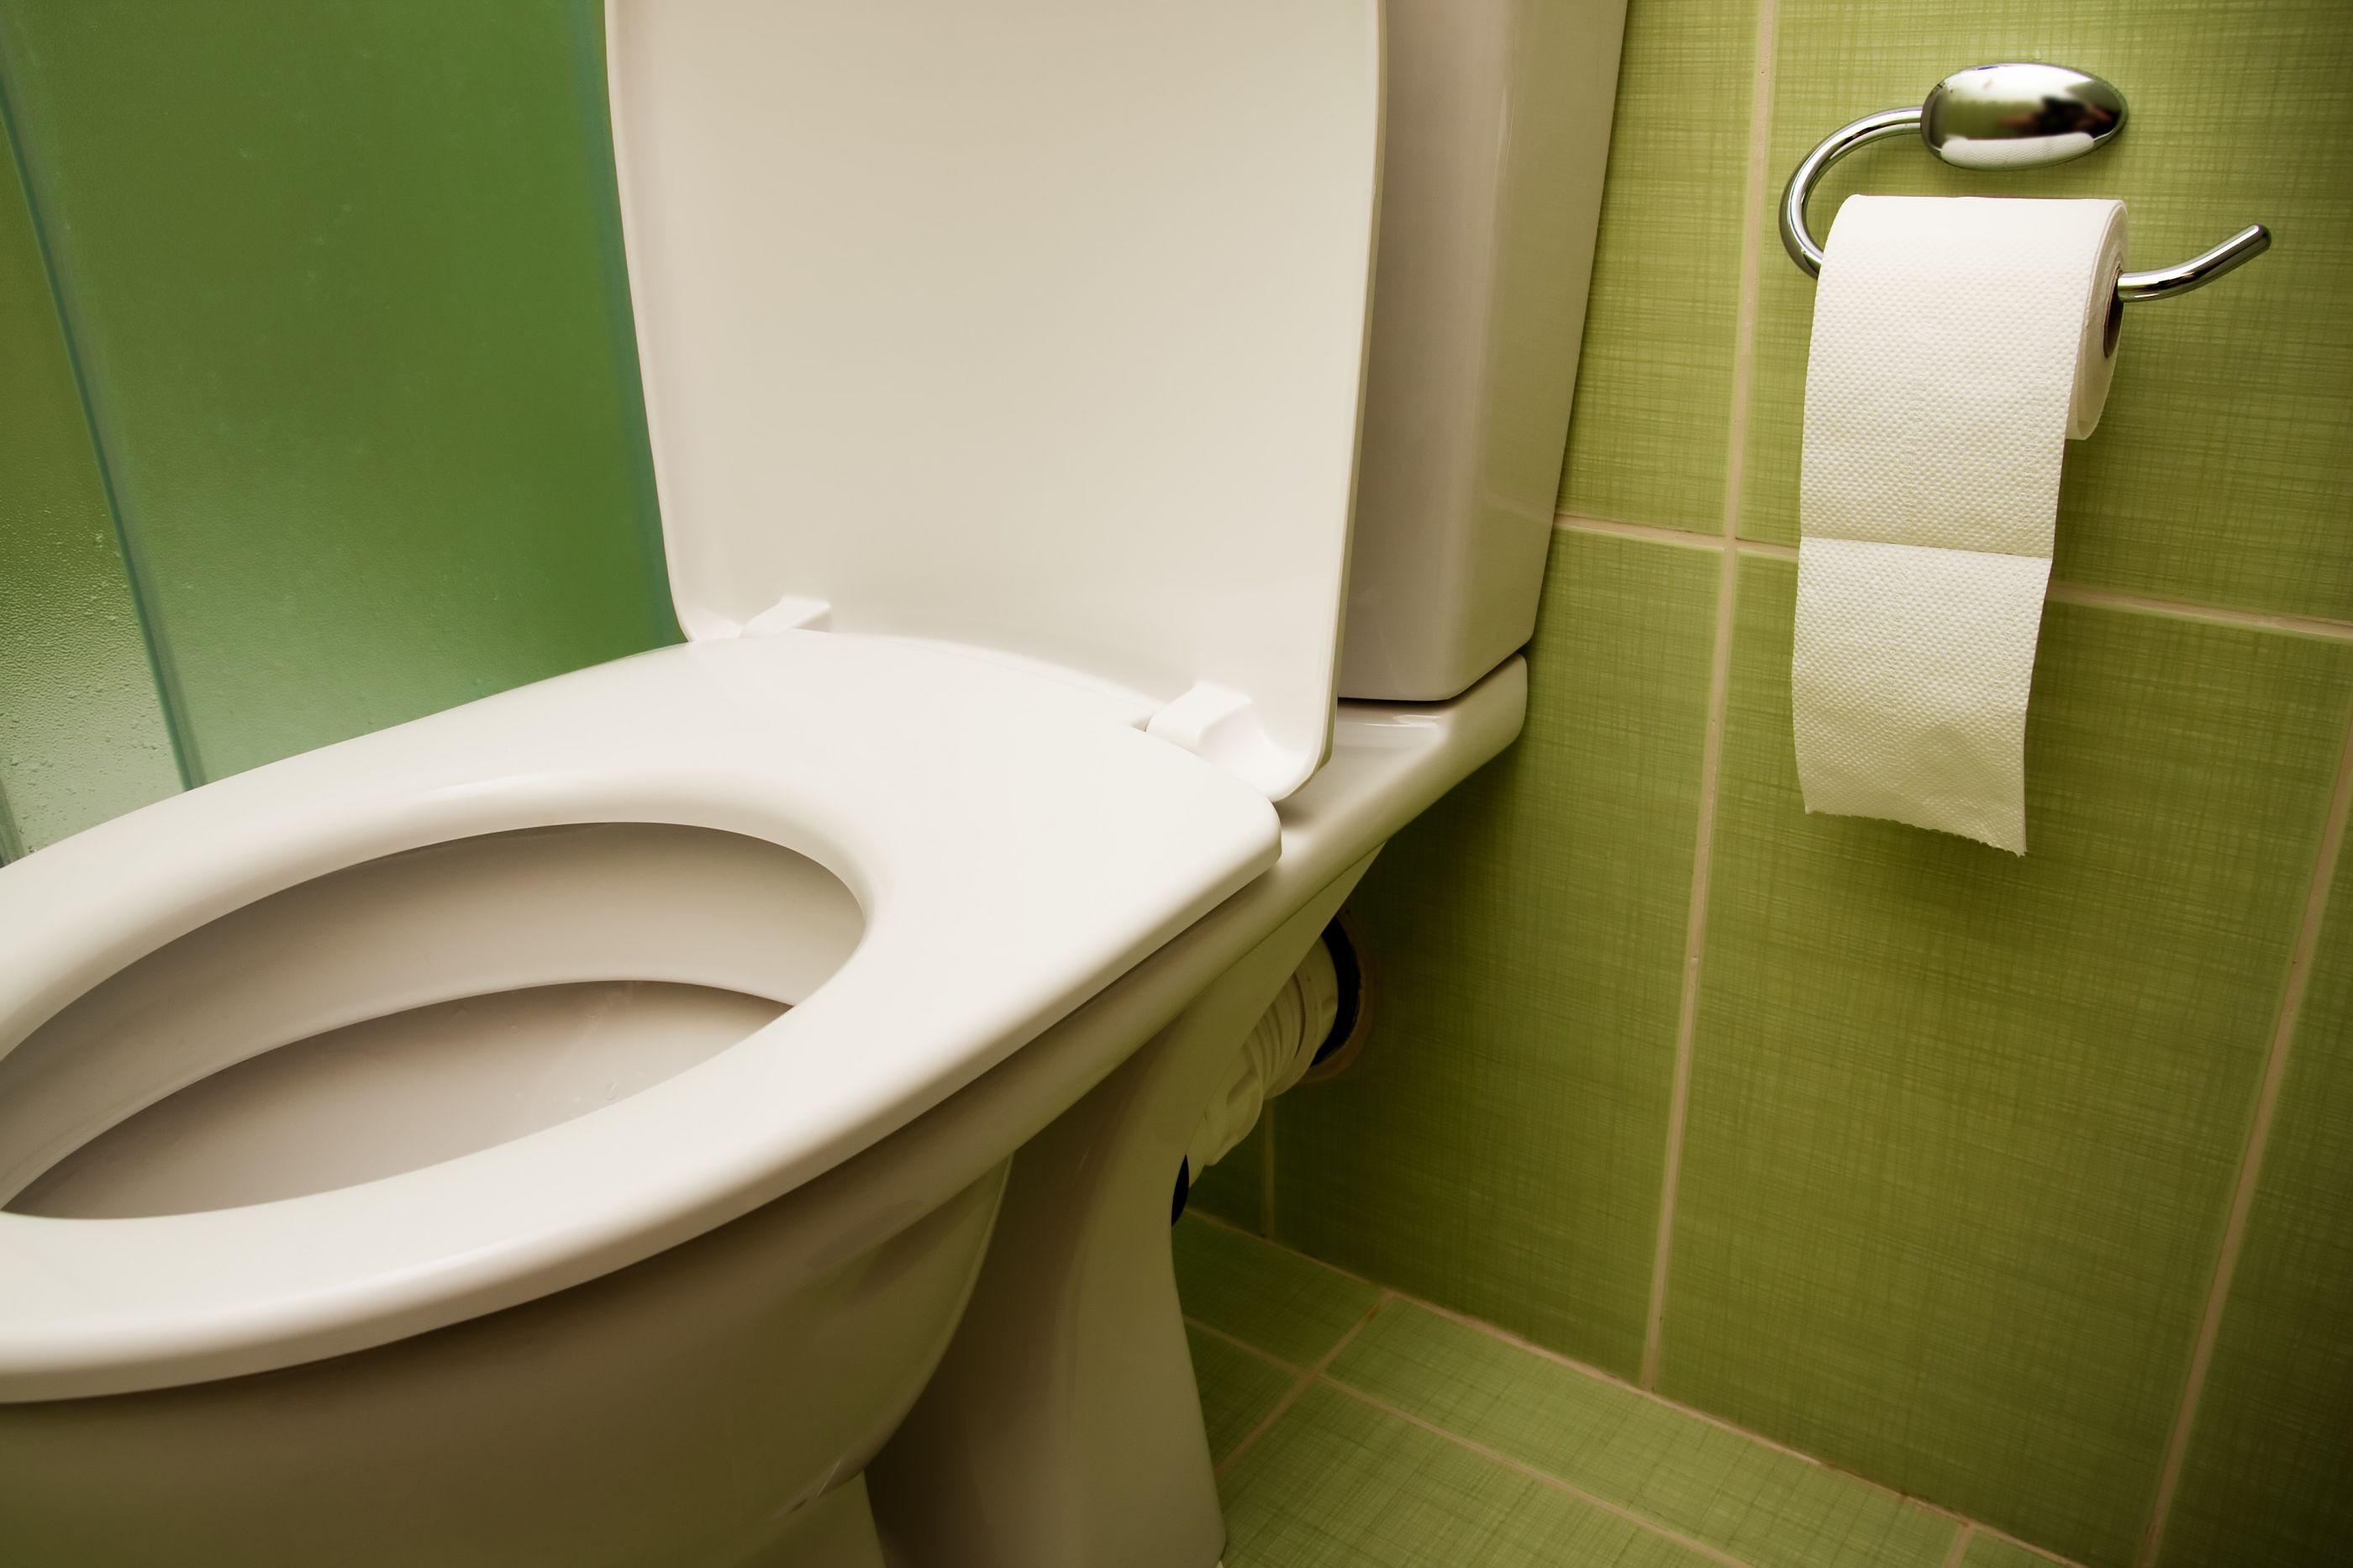 Objetos improváveis que podem ter mais bactérias que o seu banheiro